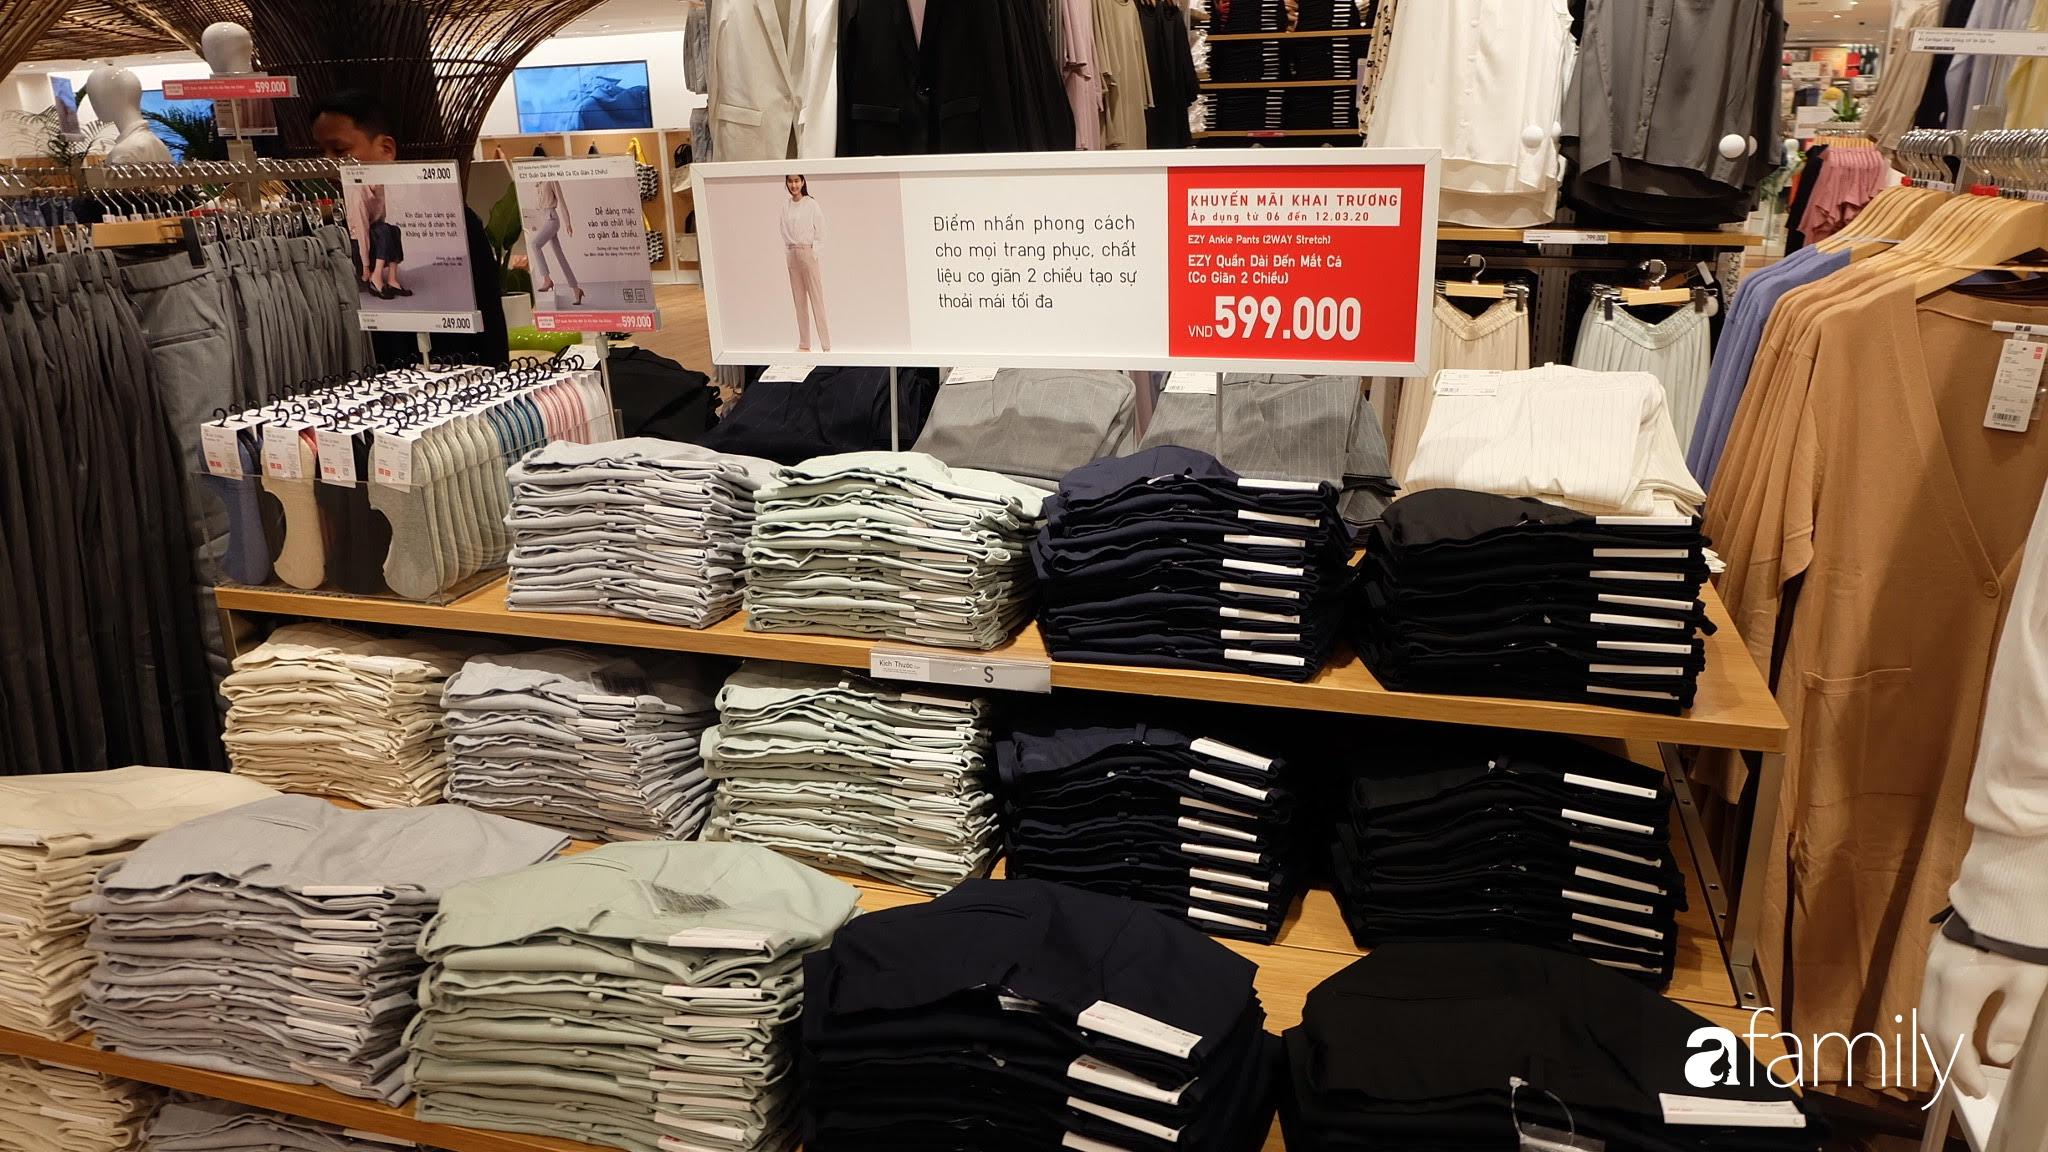 Đột nhập store UNIQLO trước khai trương: Sờ tận tay BST kết hợp cùng cựu Giám đốc sáng tạo Hermès, tưởng đắt hoá ra chỉ 249k  - Ảnh 9.